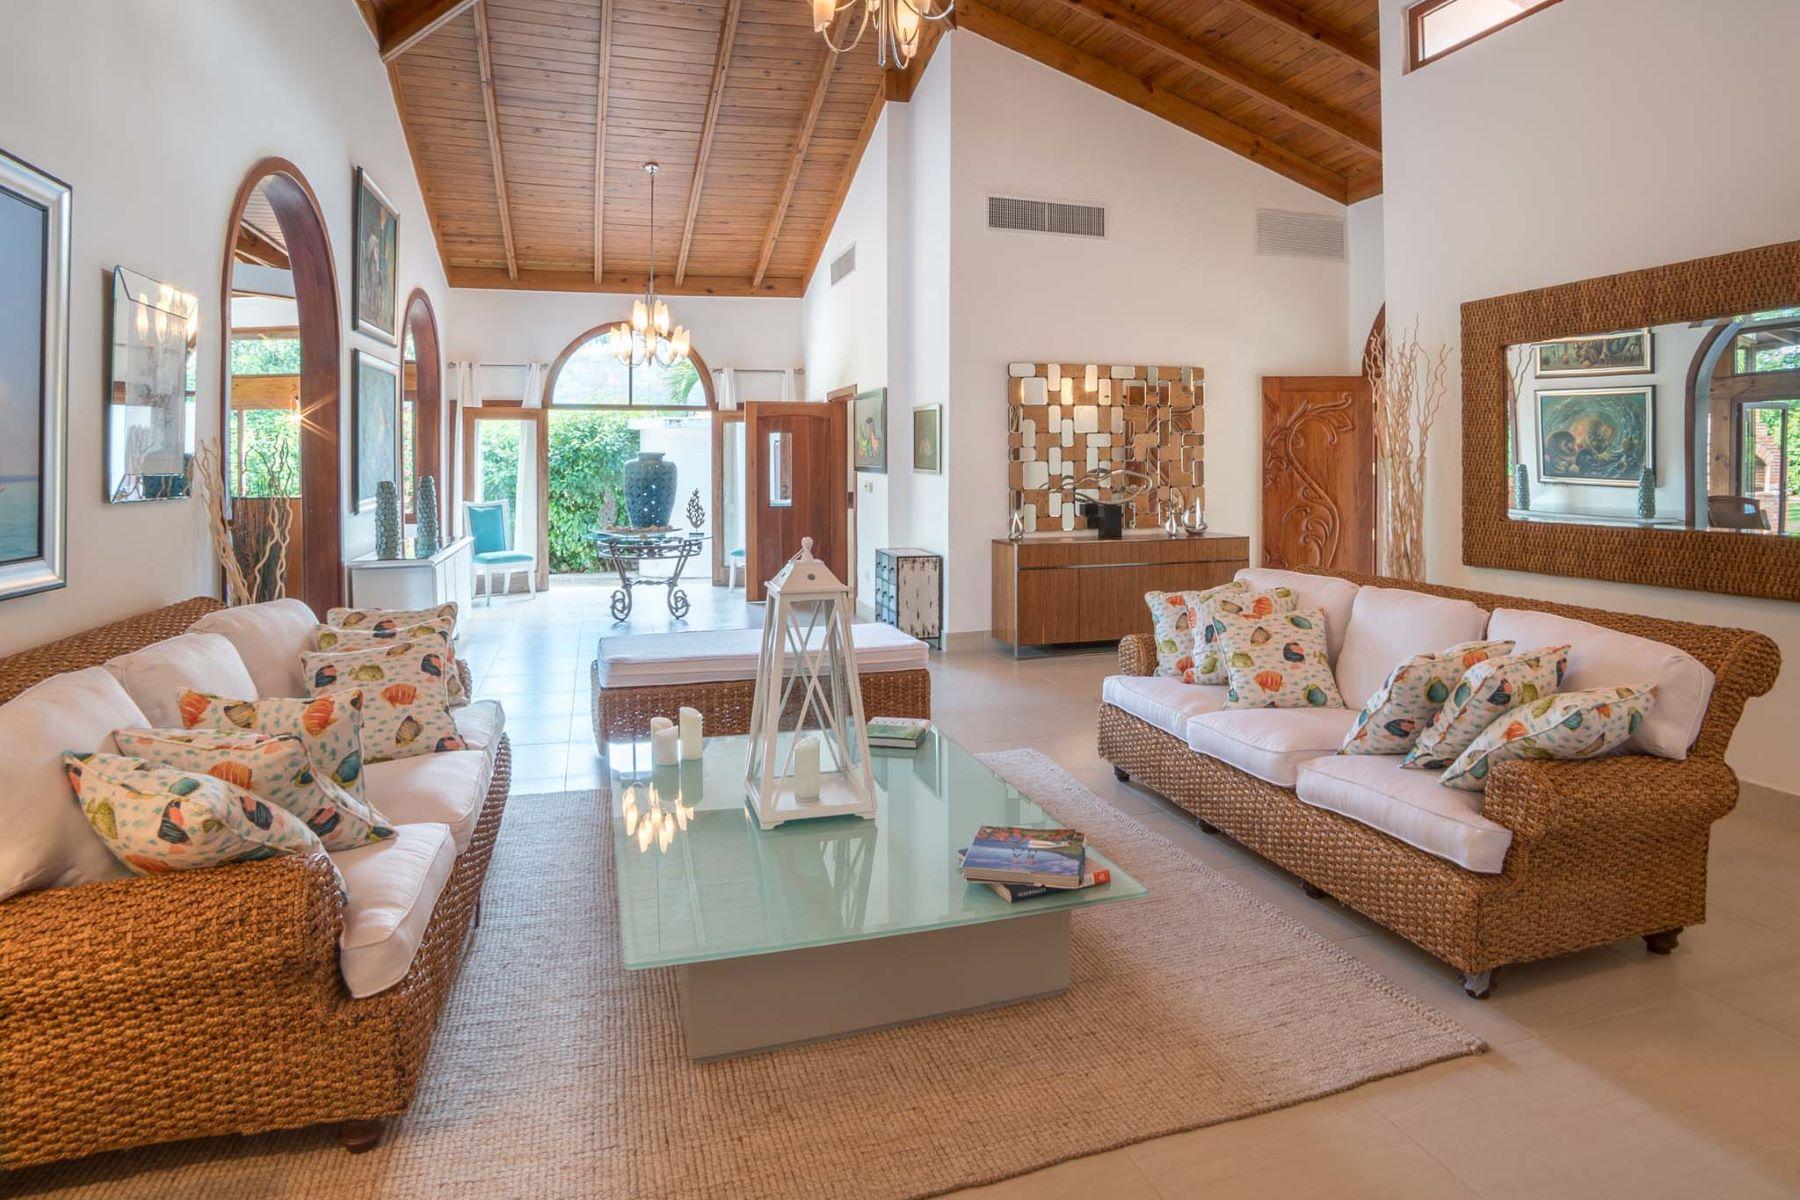 Single Family Home for Sale at Los Lagos # 68 Casa De Campo, La Romana Dominican Republic